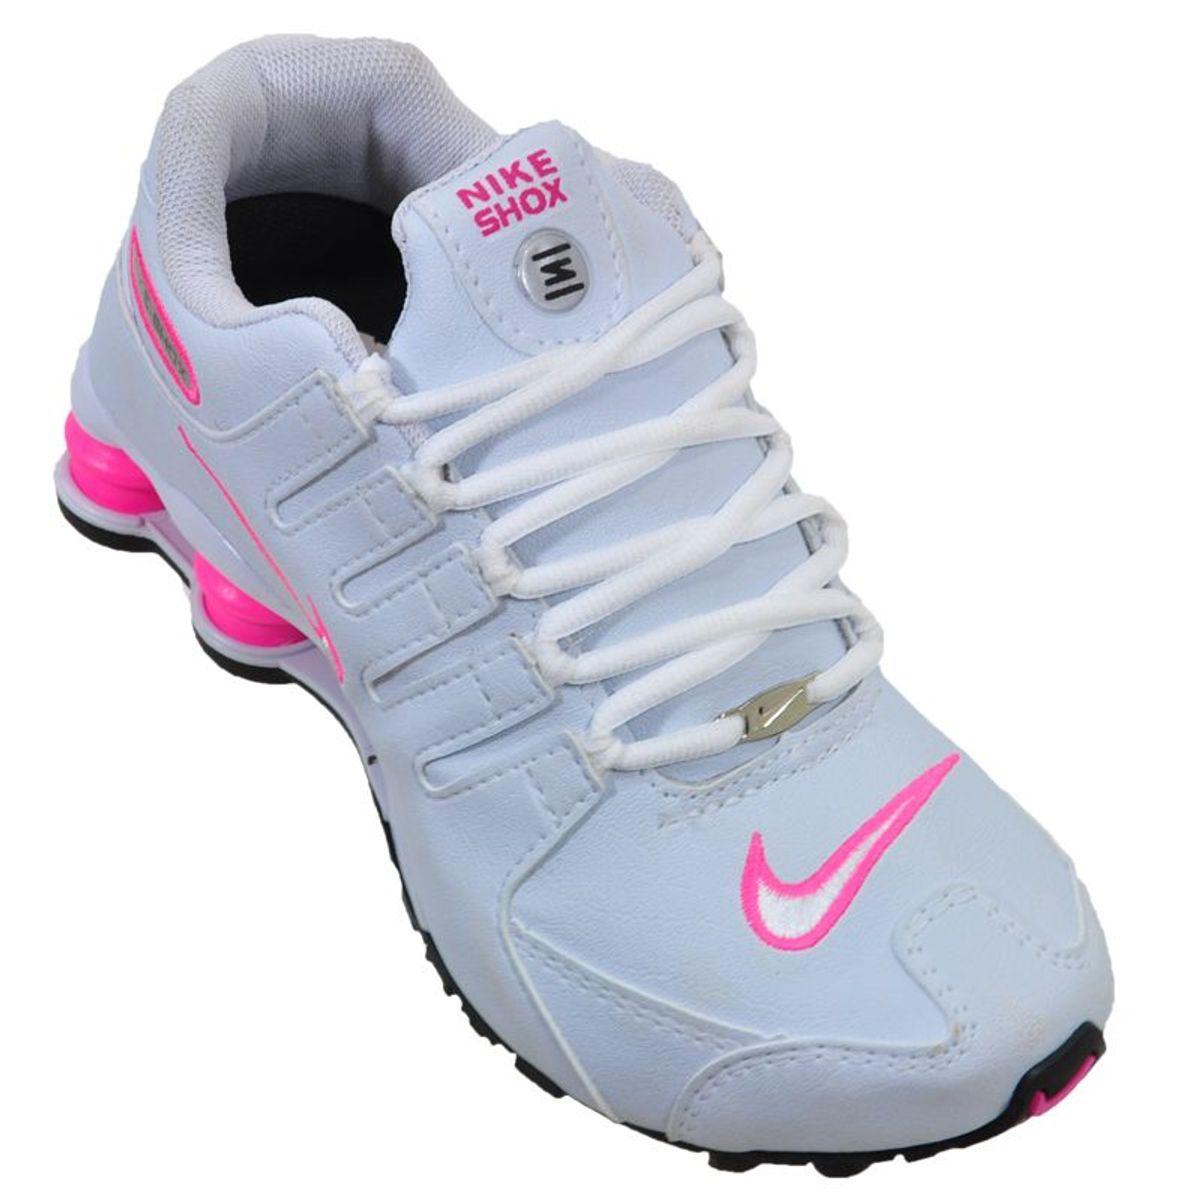 low priced 70c8d 1d623 Tenis Nike Shox Nz Feminino Numero 37   Tênis Feminino Nike Nunca Usado  31749891   enjoei